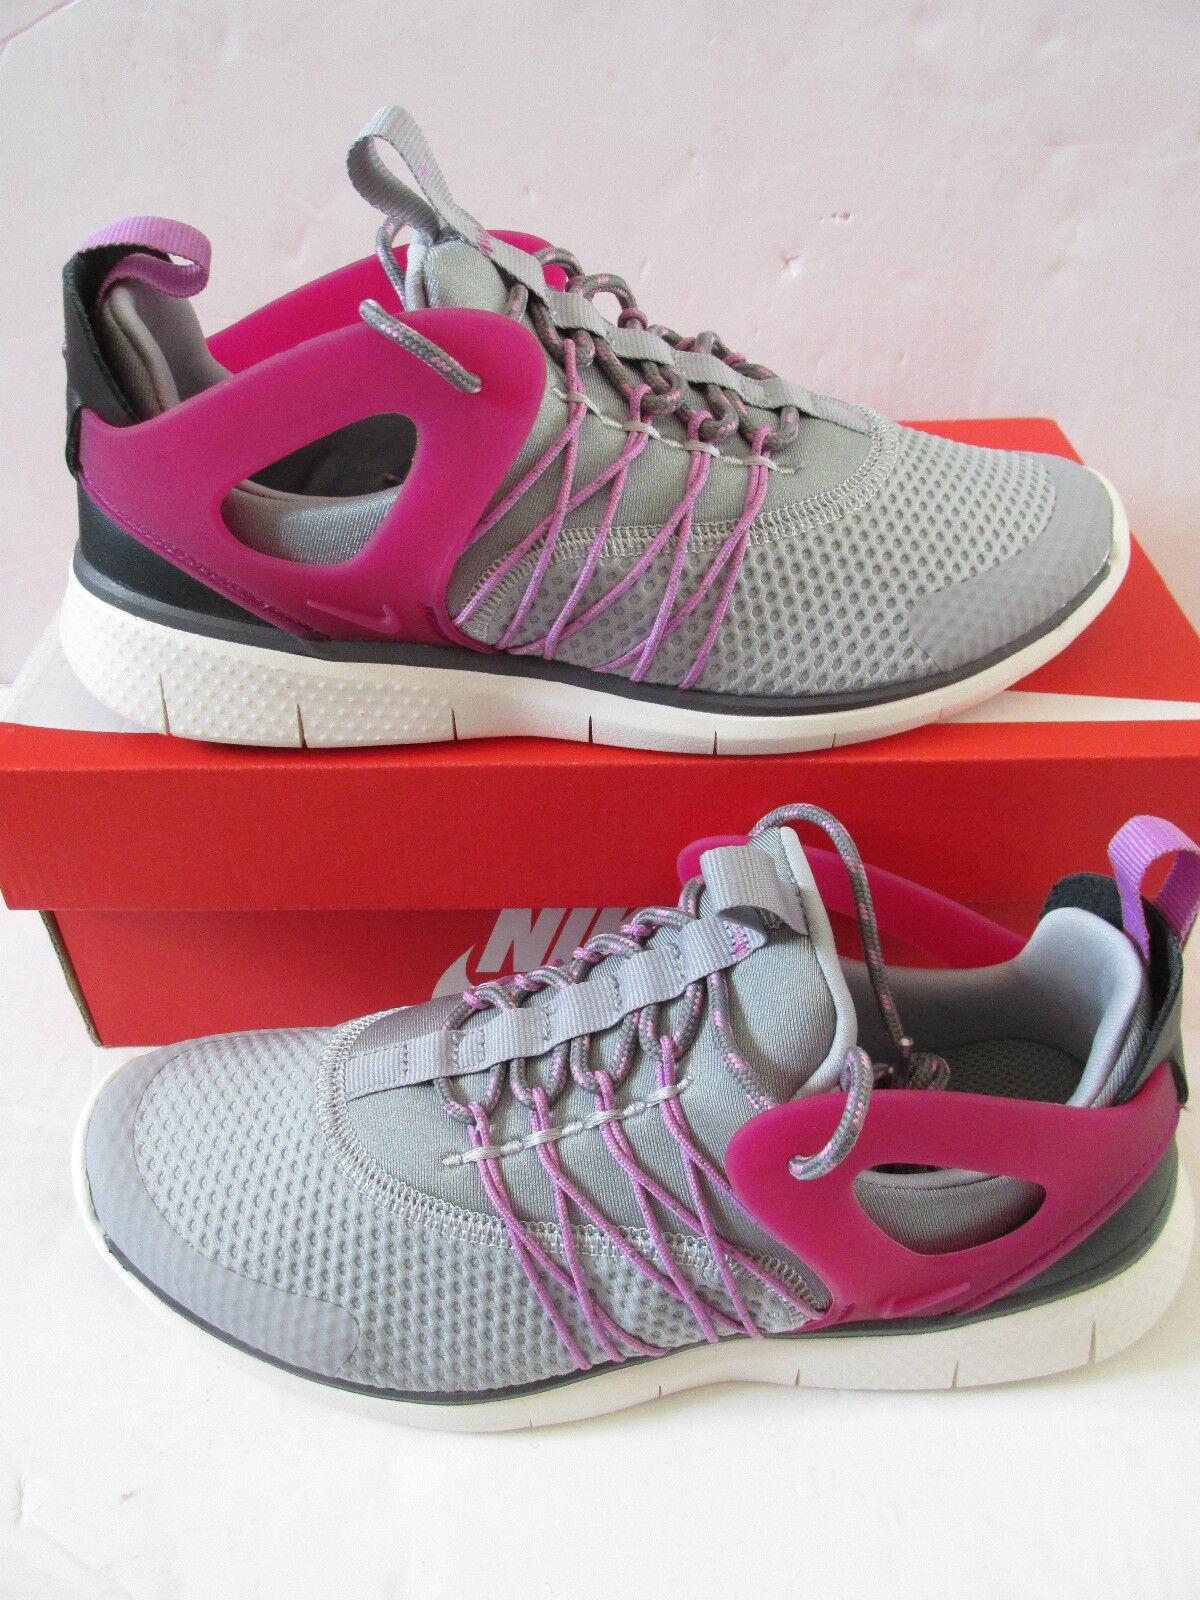 Nike Scarpe Free Viritous Linea Donna Scarpe Nike da ginnastica in esecuzione Scarpe Scarpe da Ginnastica 725060 002 9764af